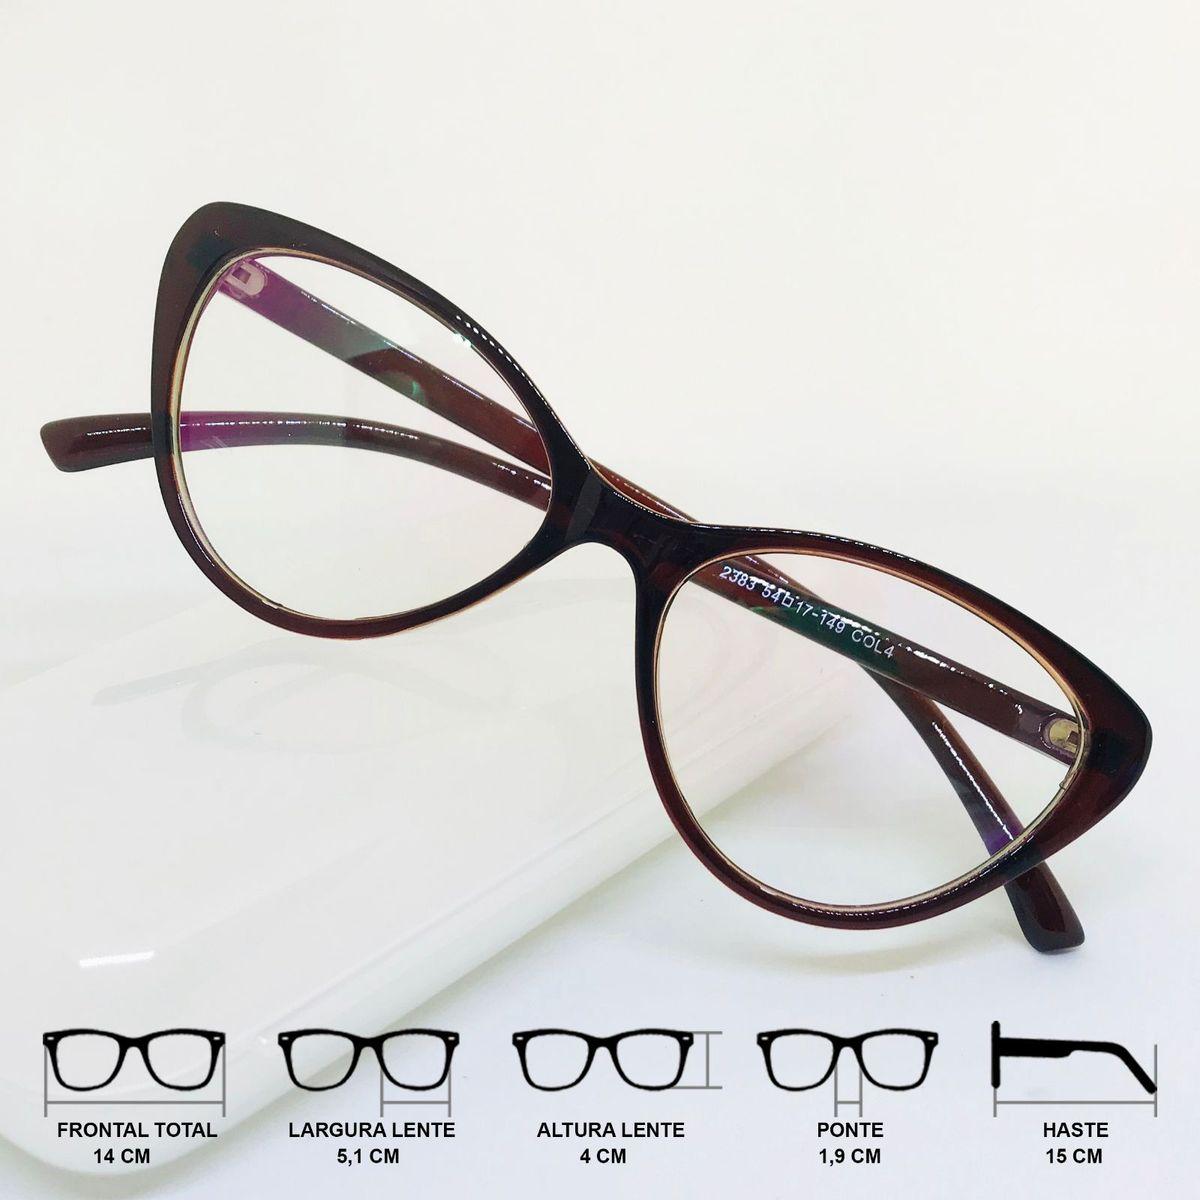 47e68005c Armação Óculos para Grau Feminino Gatinho Cat Eye Degradê Marrom | Óculos  Feminino Nunca Usado 33382581 | enjoei